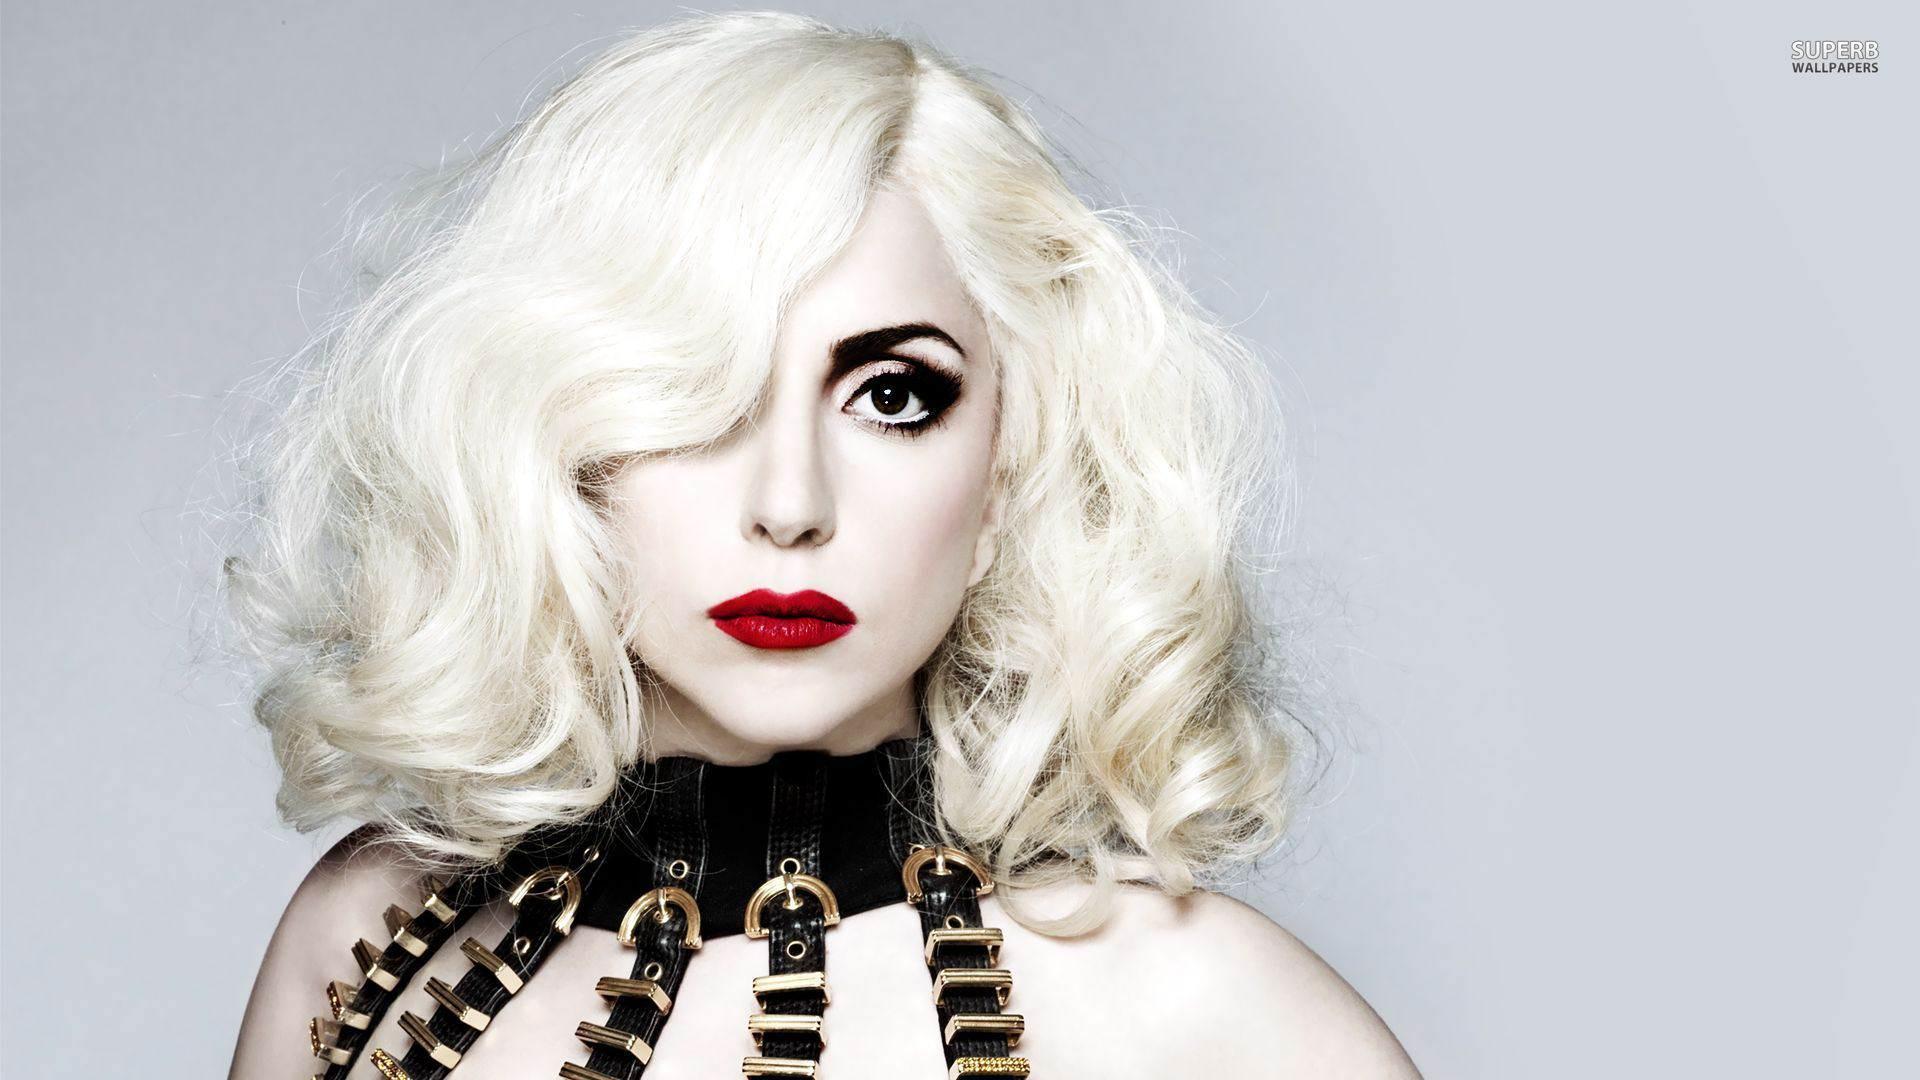 Lady Gaga'dan Alınması Gereken 5 Pazarlama Dersi